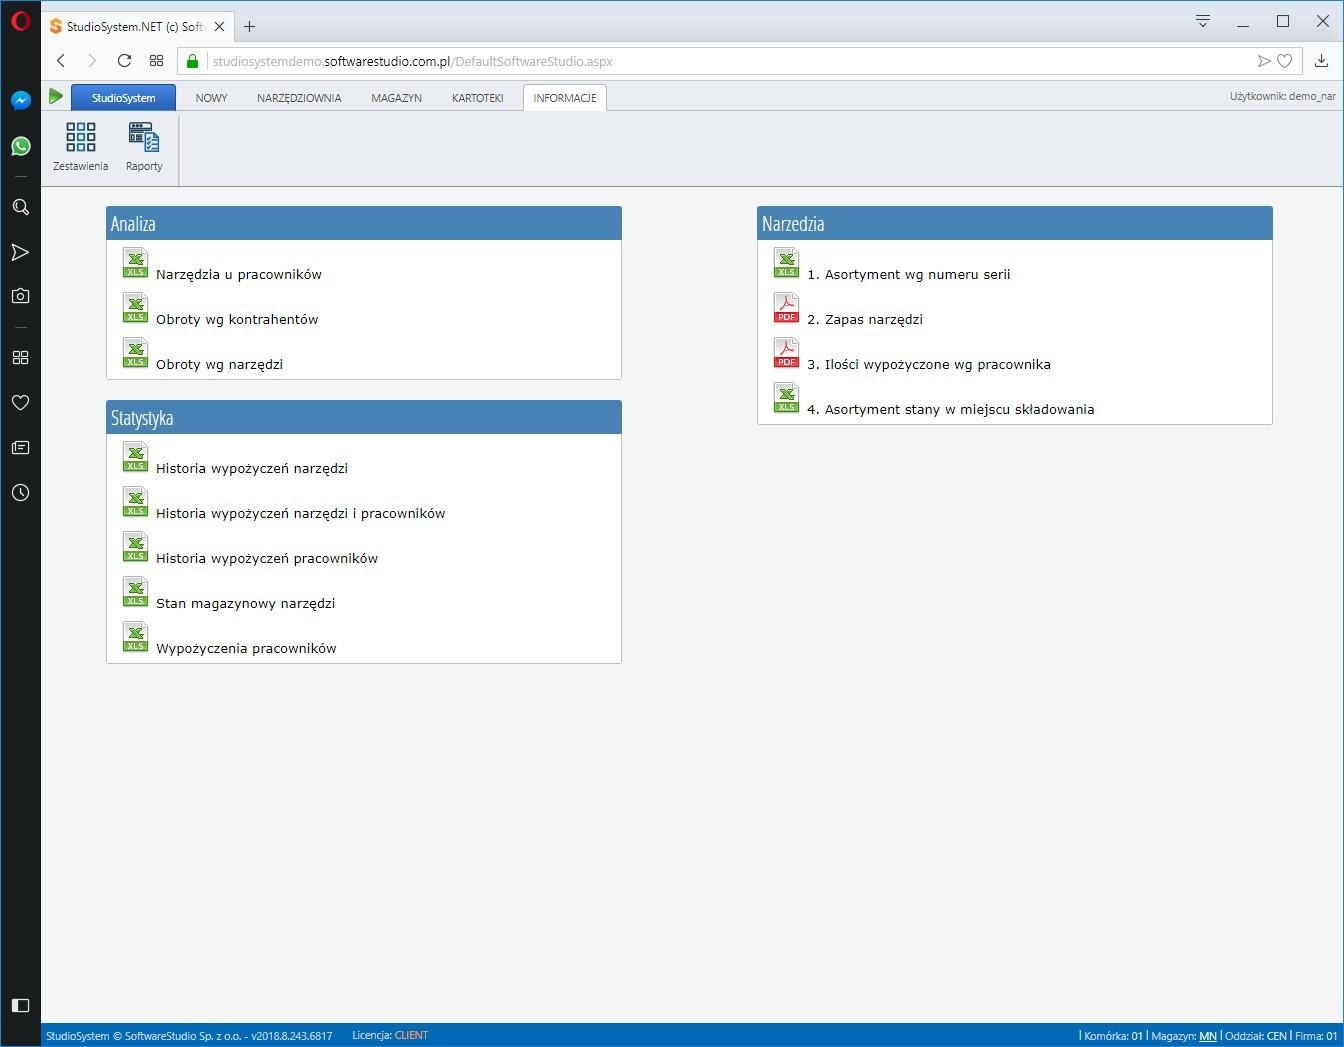 przeglądy-narzędzi Oprogramowanie wypożyczalnia narzędzi